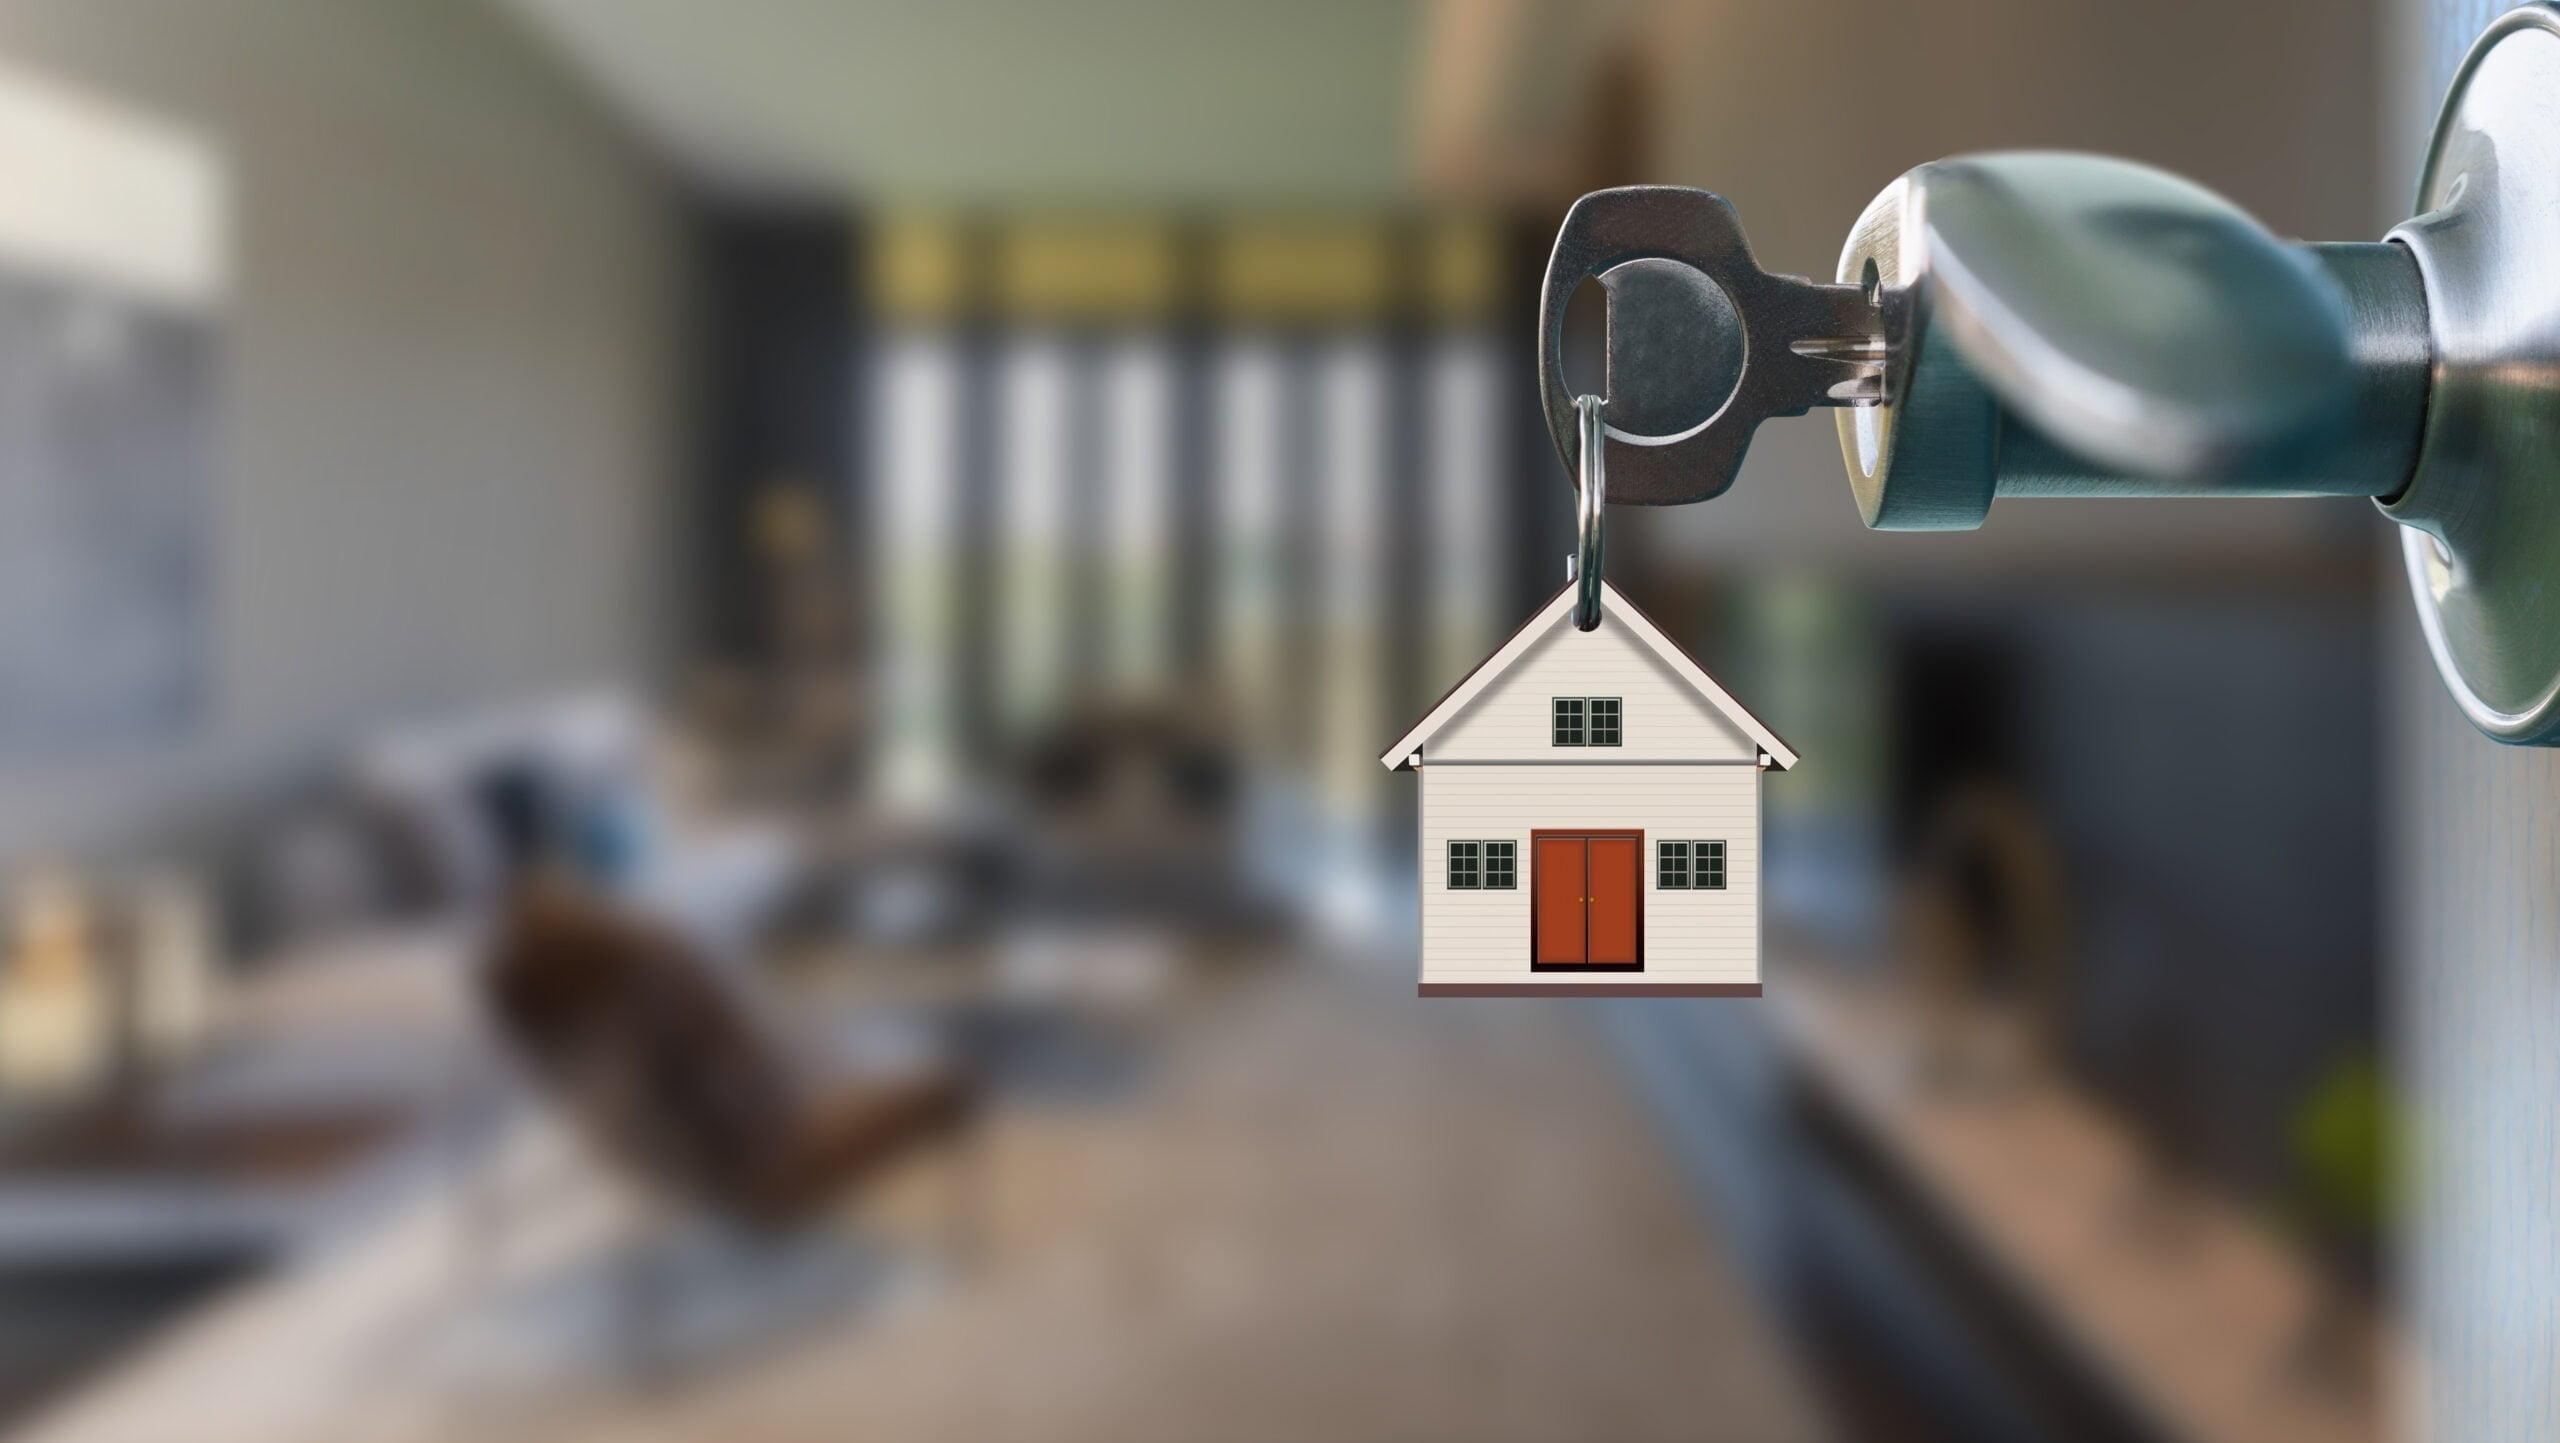 key in open door leading to an open floorplan